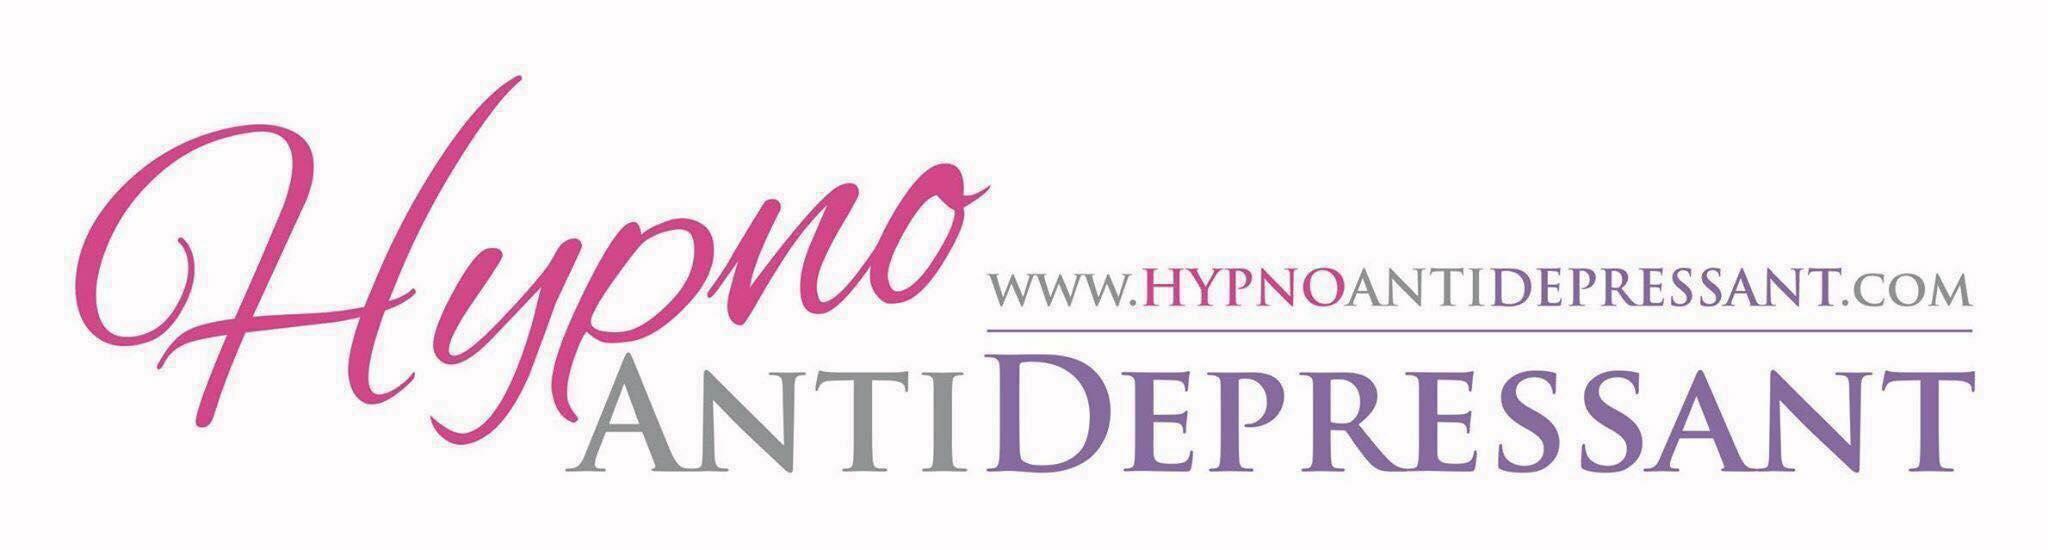 Hypno Antidepressant